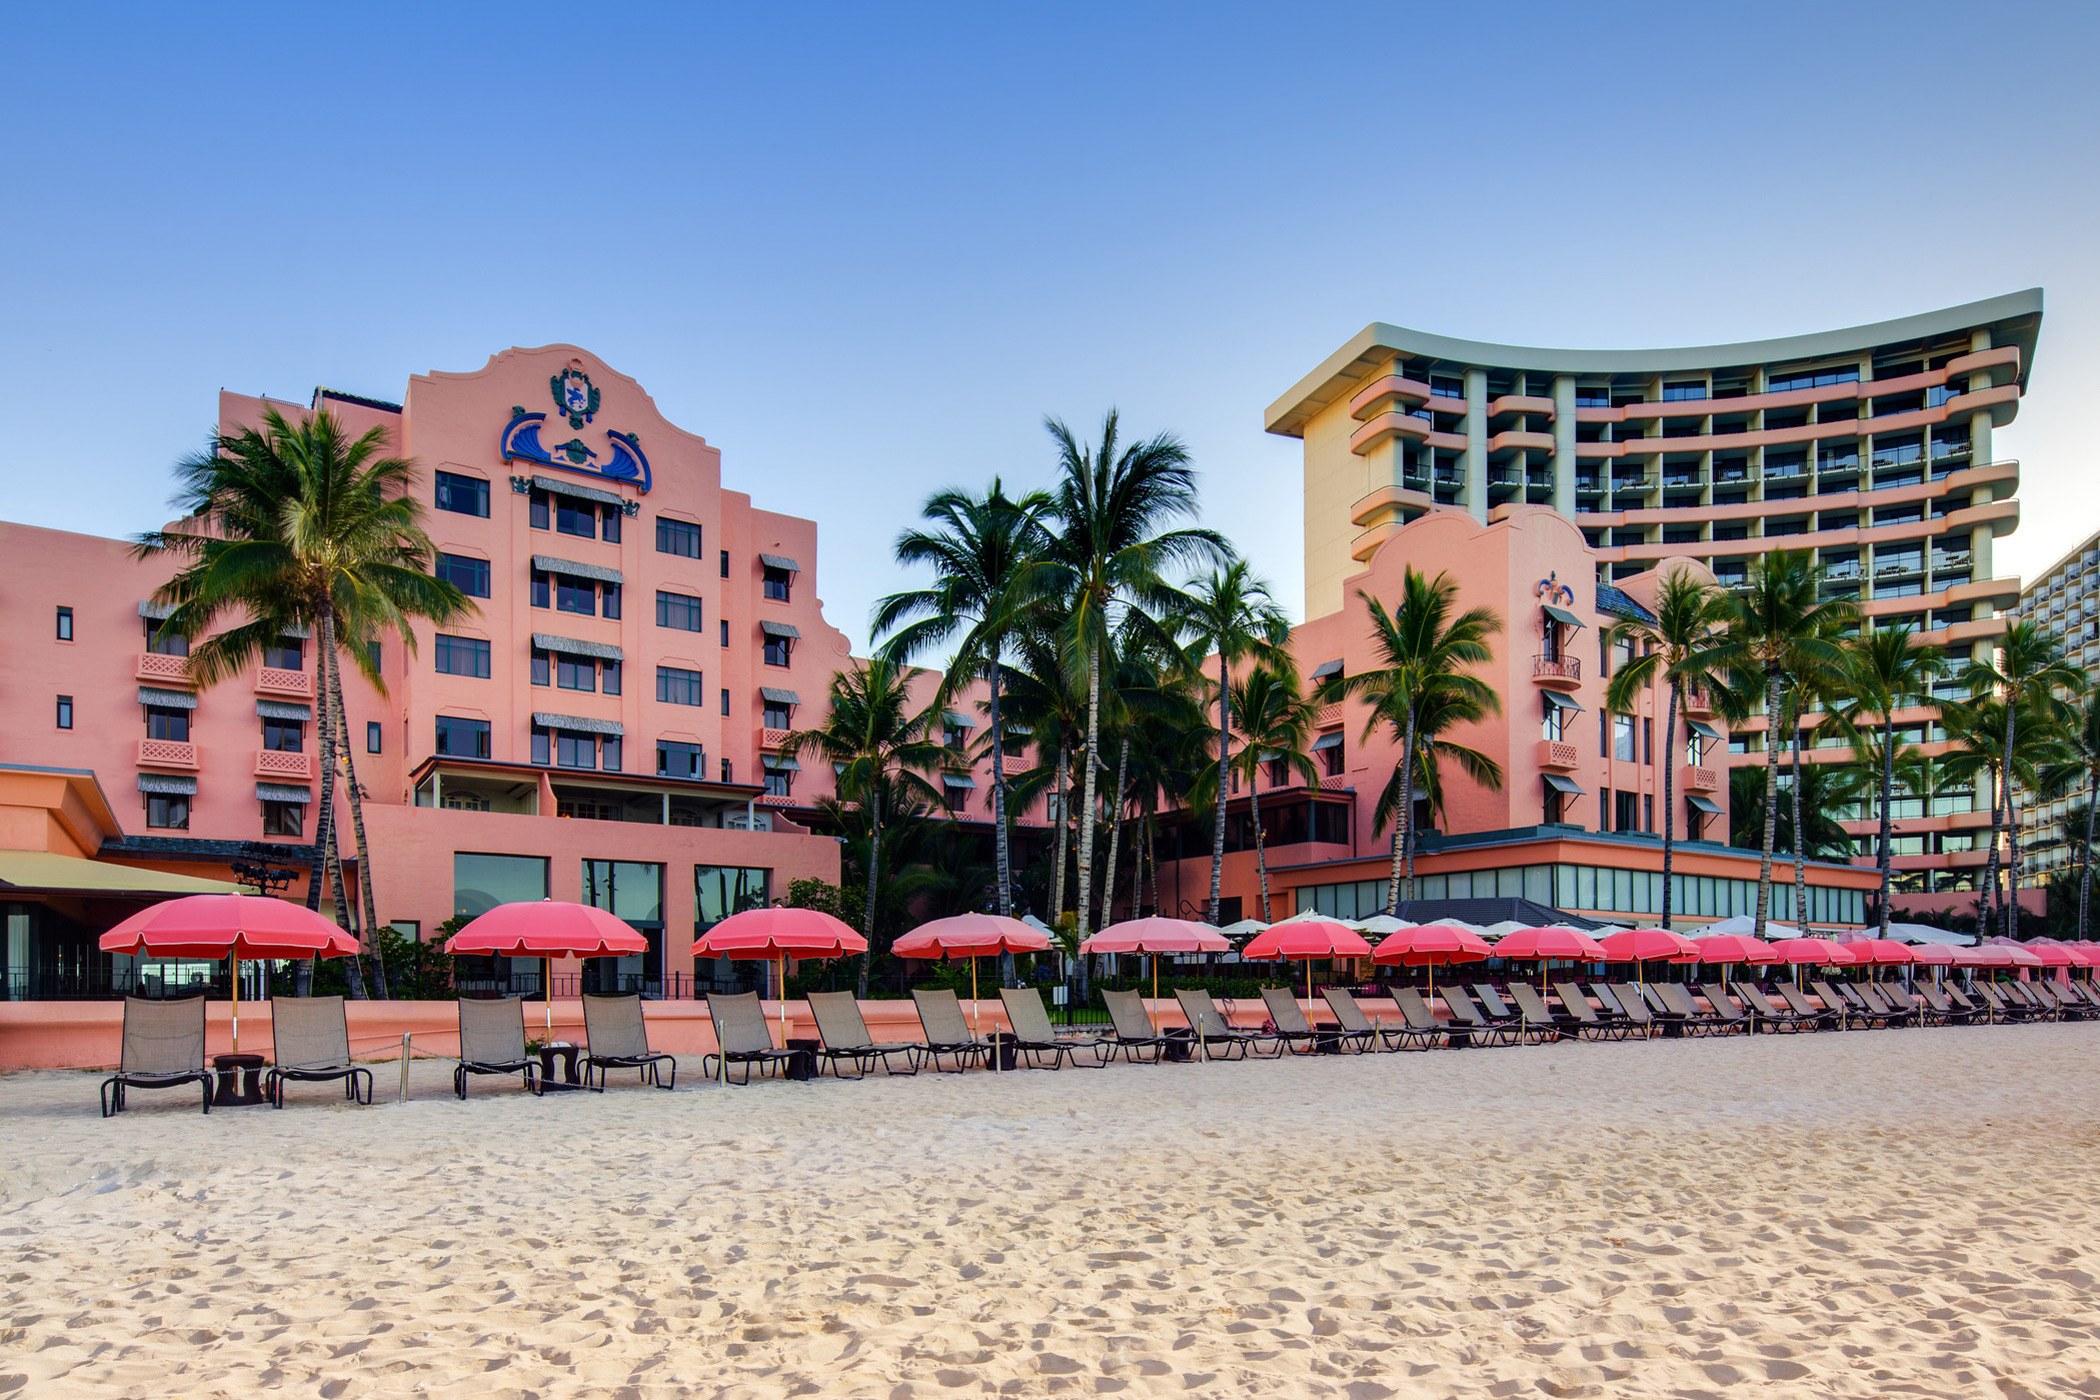 lux376ex-167911-Beachfront-Exterior-Med